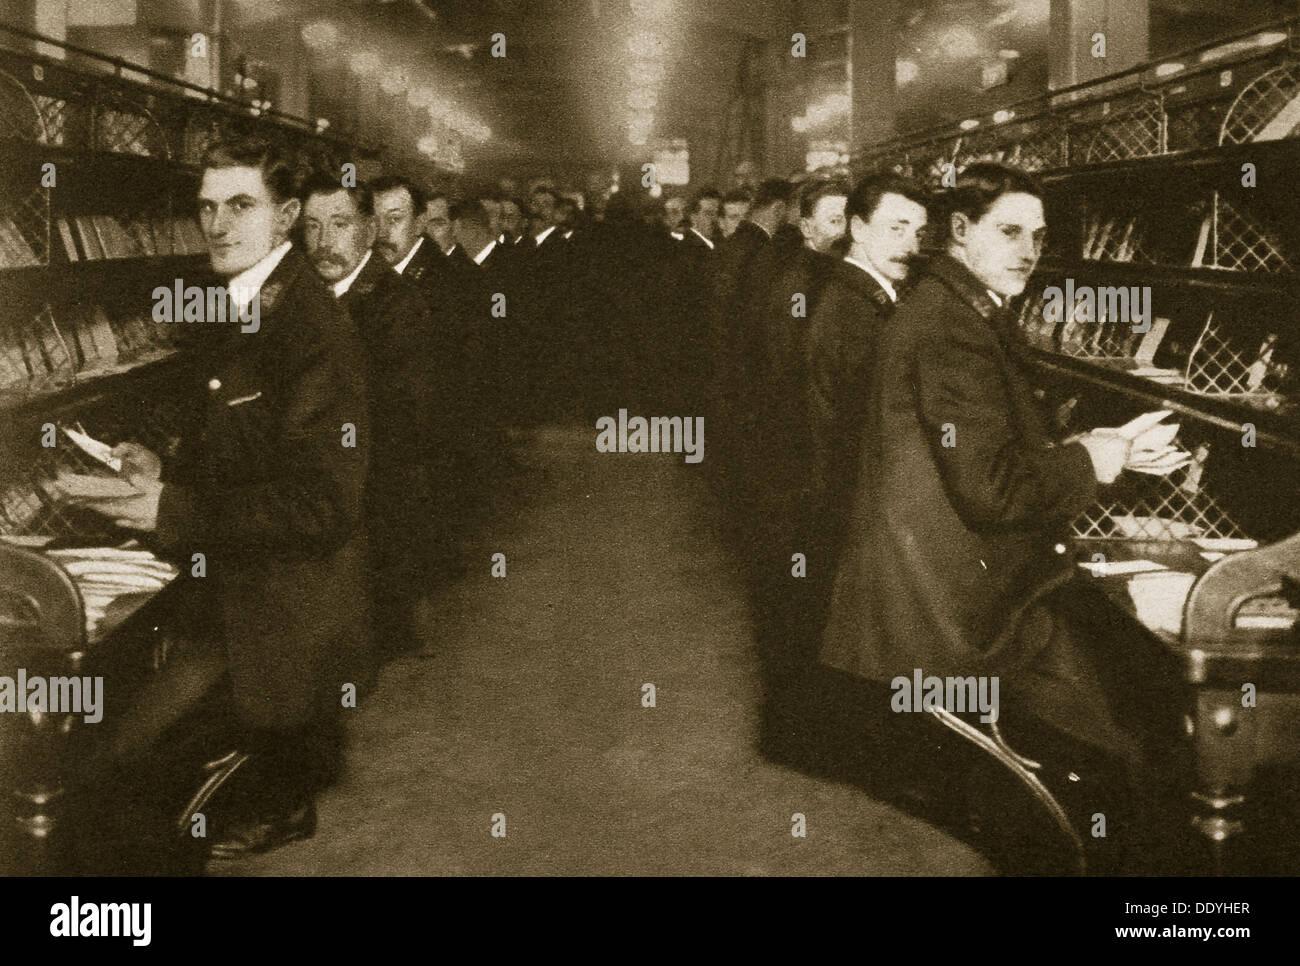 Cartas de clasificación del personal en la oficina de correos, Mount Pleasant, Londres, siglo XX. Artista: Desconocido Foto de stock